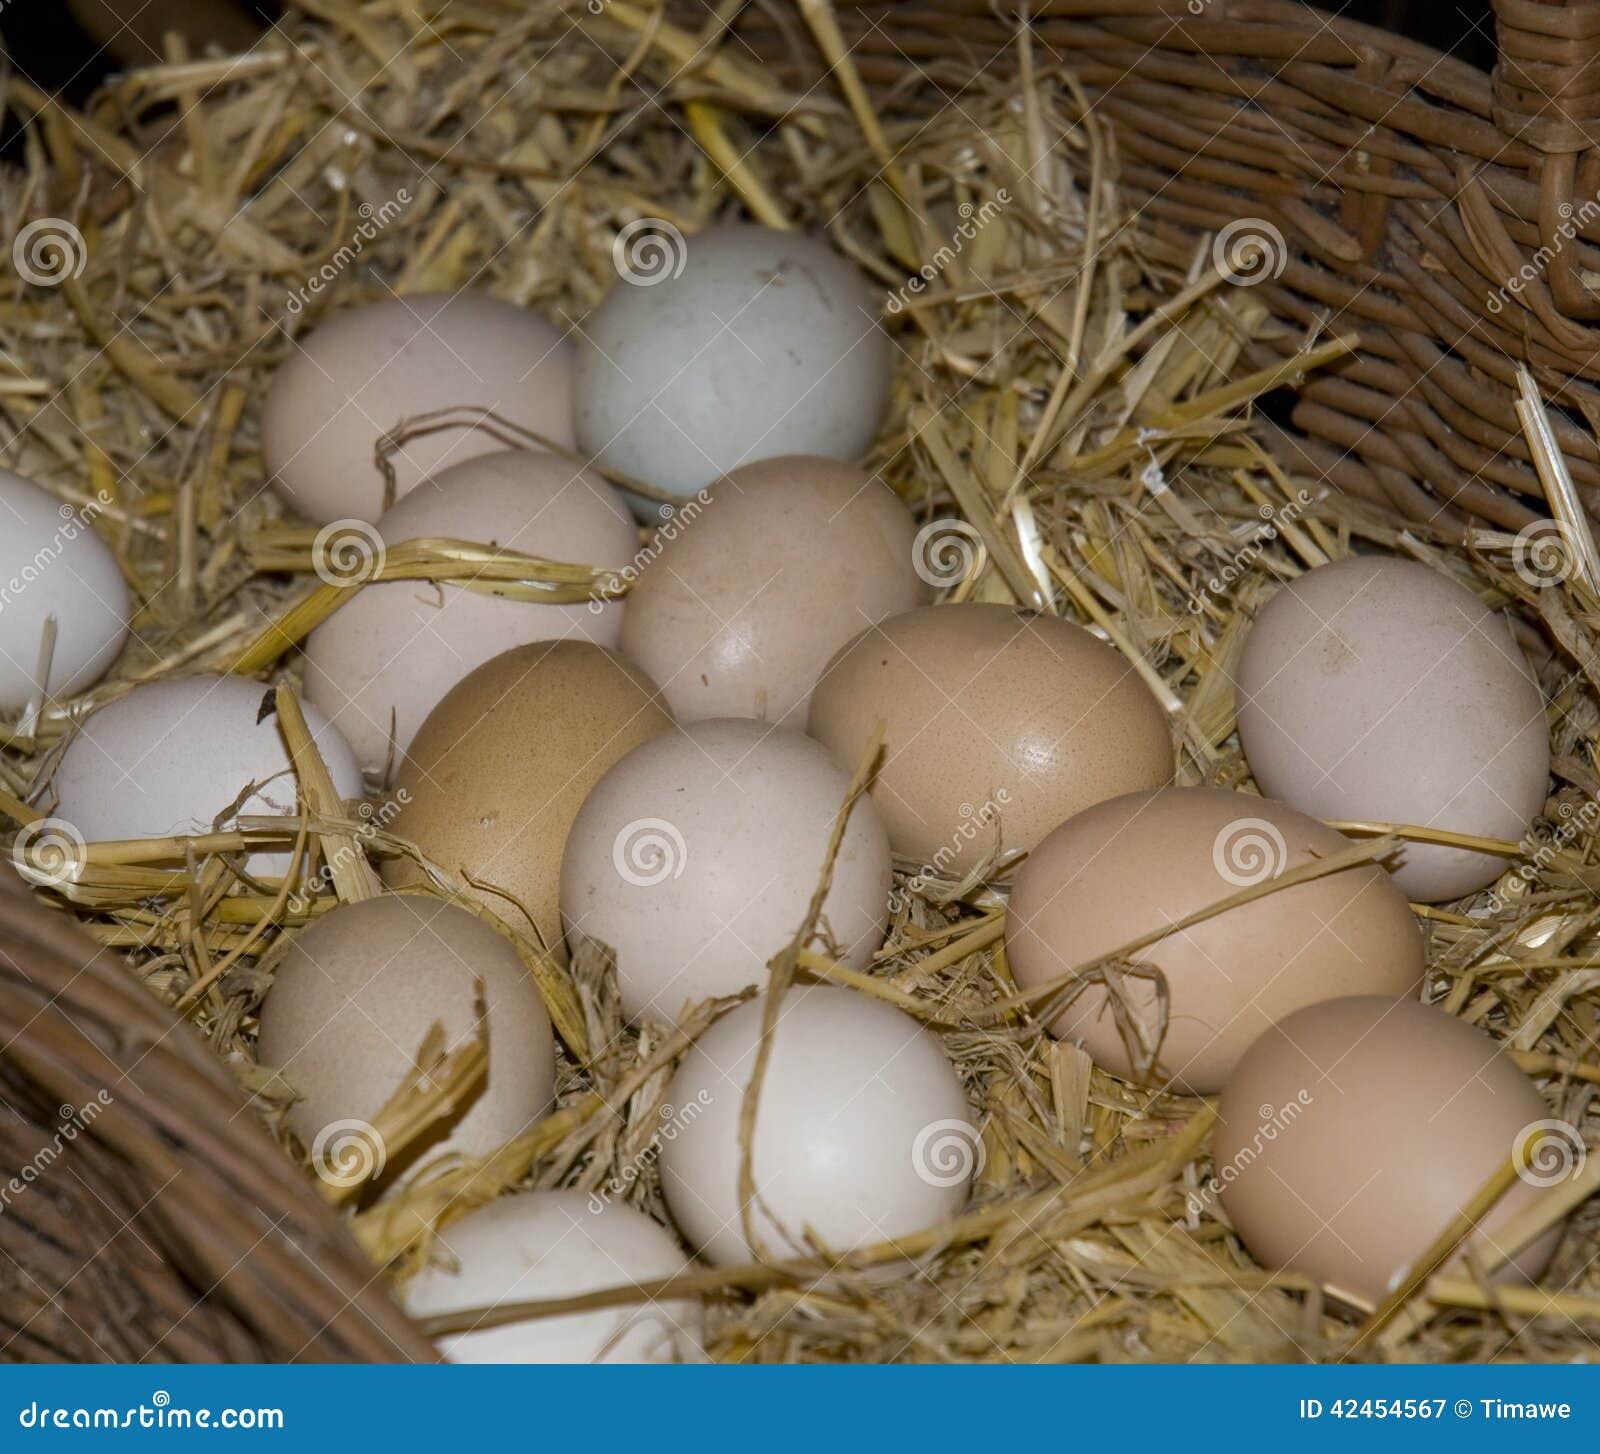 Bauernhof-frische Eier